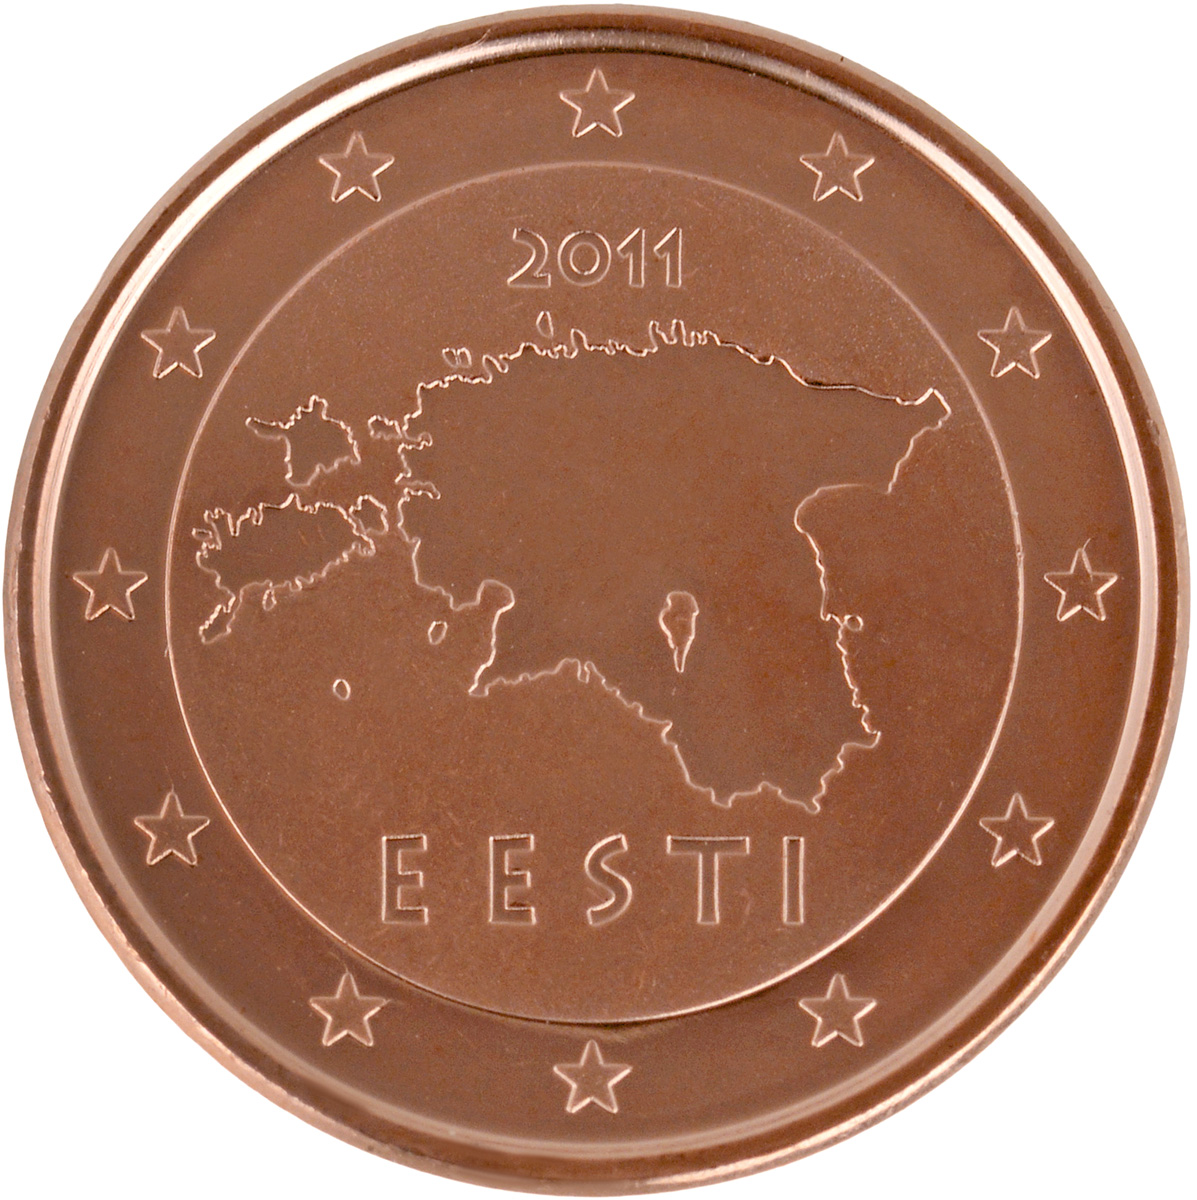 Монета номиналом 1 евроцент.  Сталь с медным покрытием.  Австрия, 2017 год Диаметр - 16 мм. Сталь с медным покрытием.. Австрия, 2017 год. Монета...